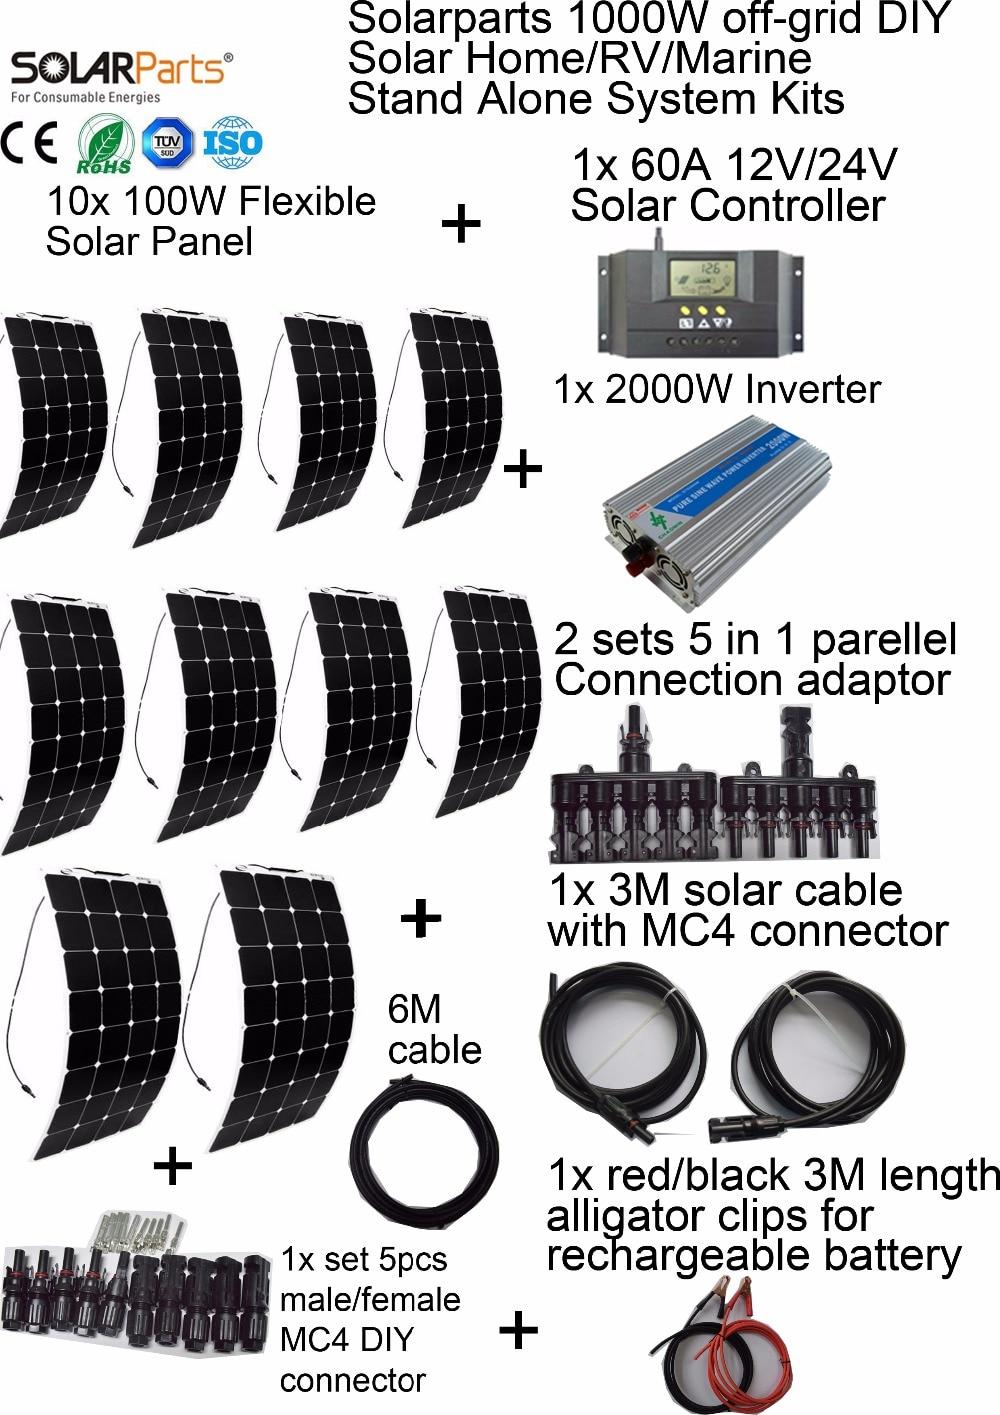 இSolarparts 1000W off-grid Solar © System System KITS